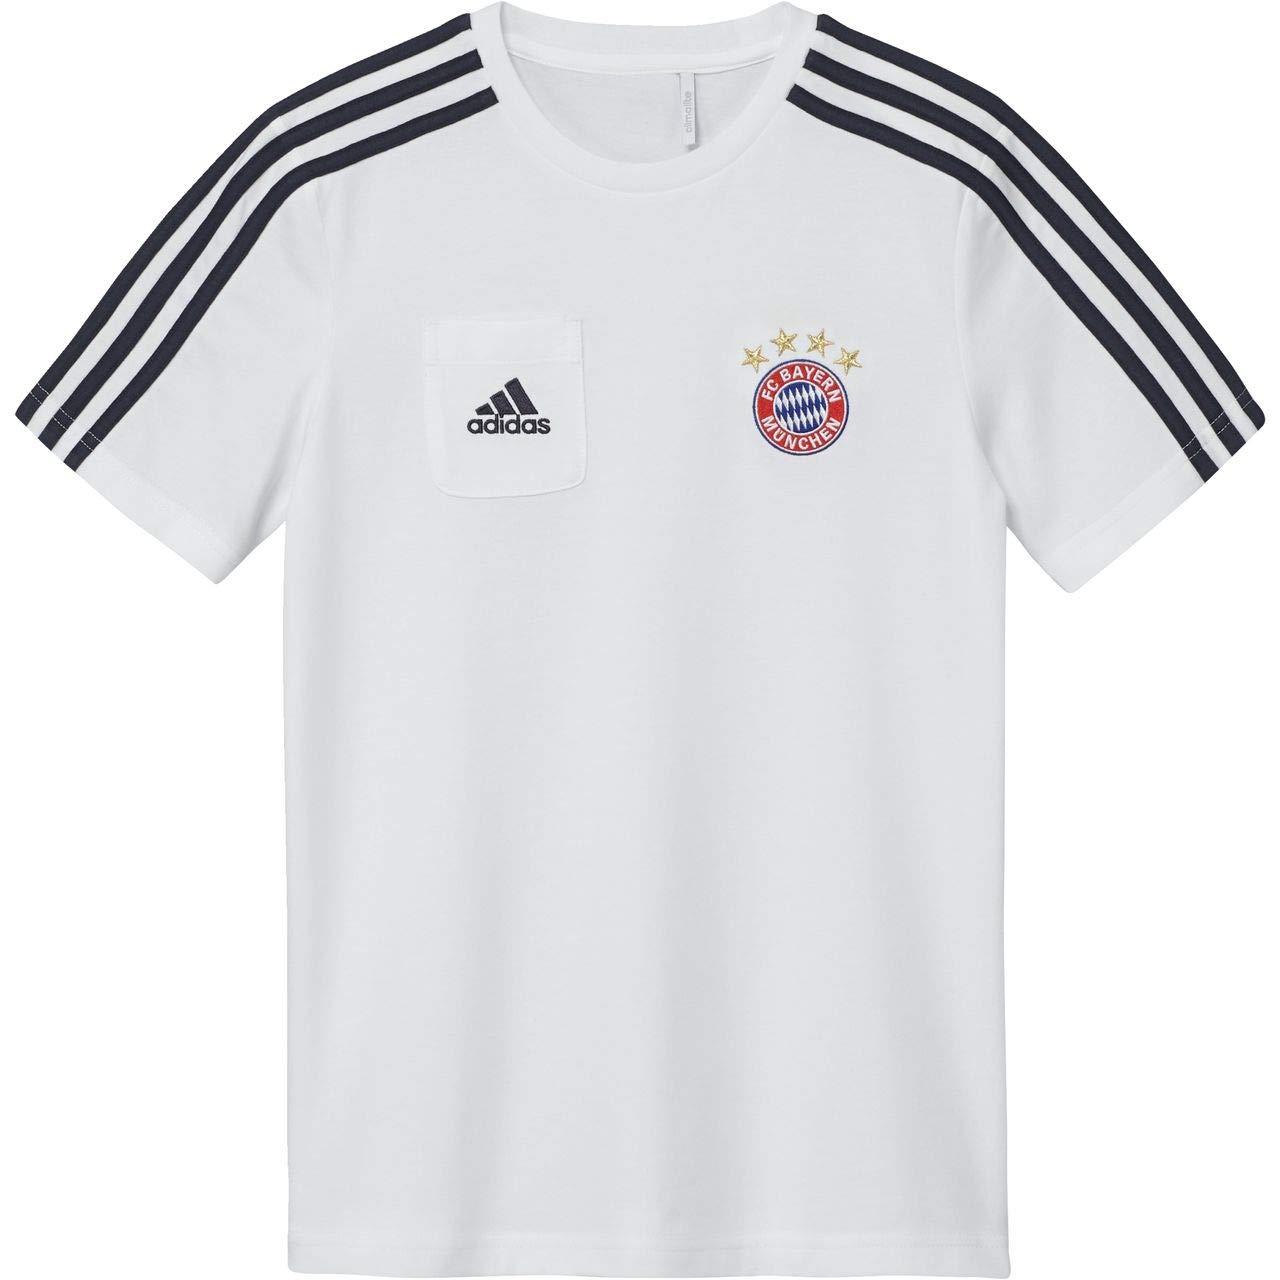 Adidas FC Bayern München - Camiseta para niños: Amazon.es: Deportes y aire libre